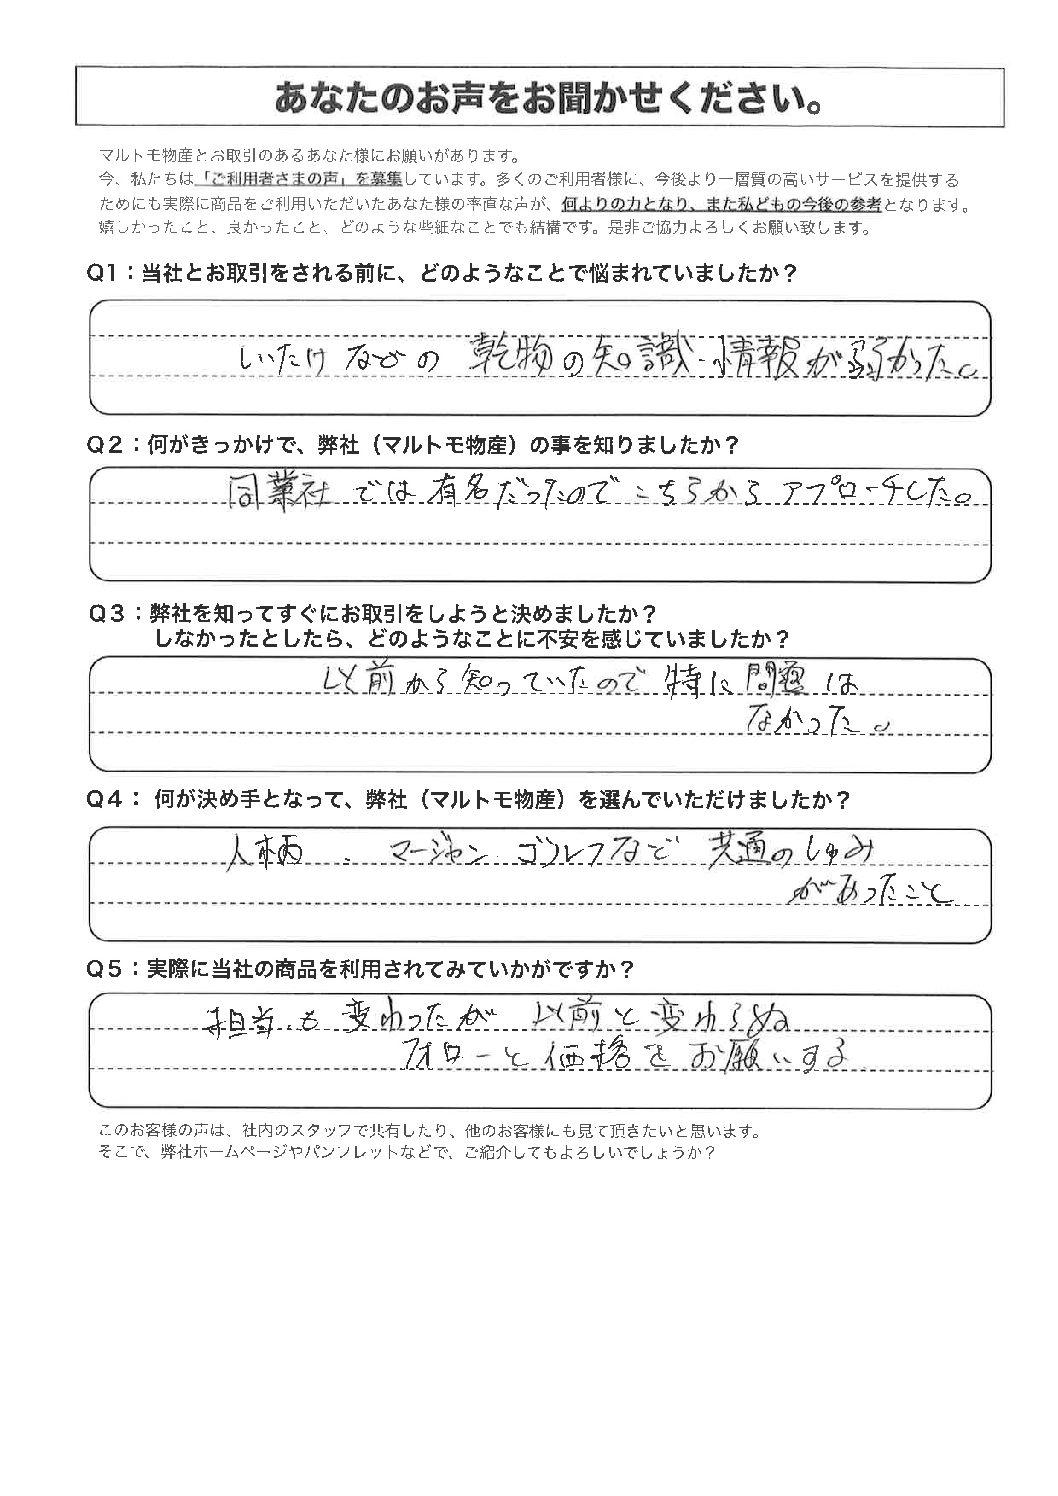 福島県 食品卸 S社様